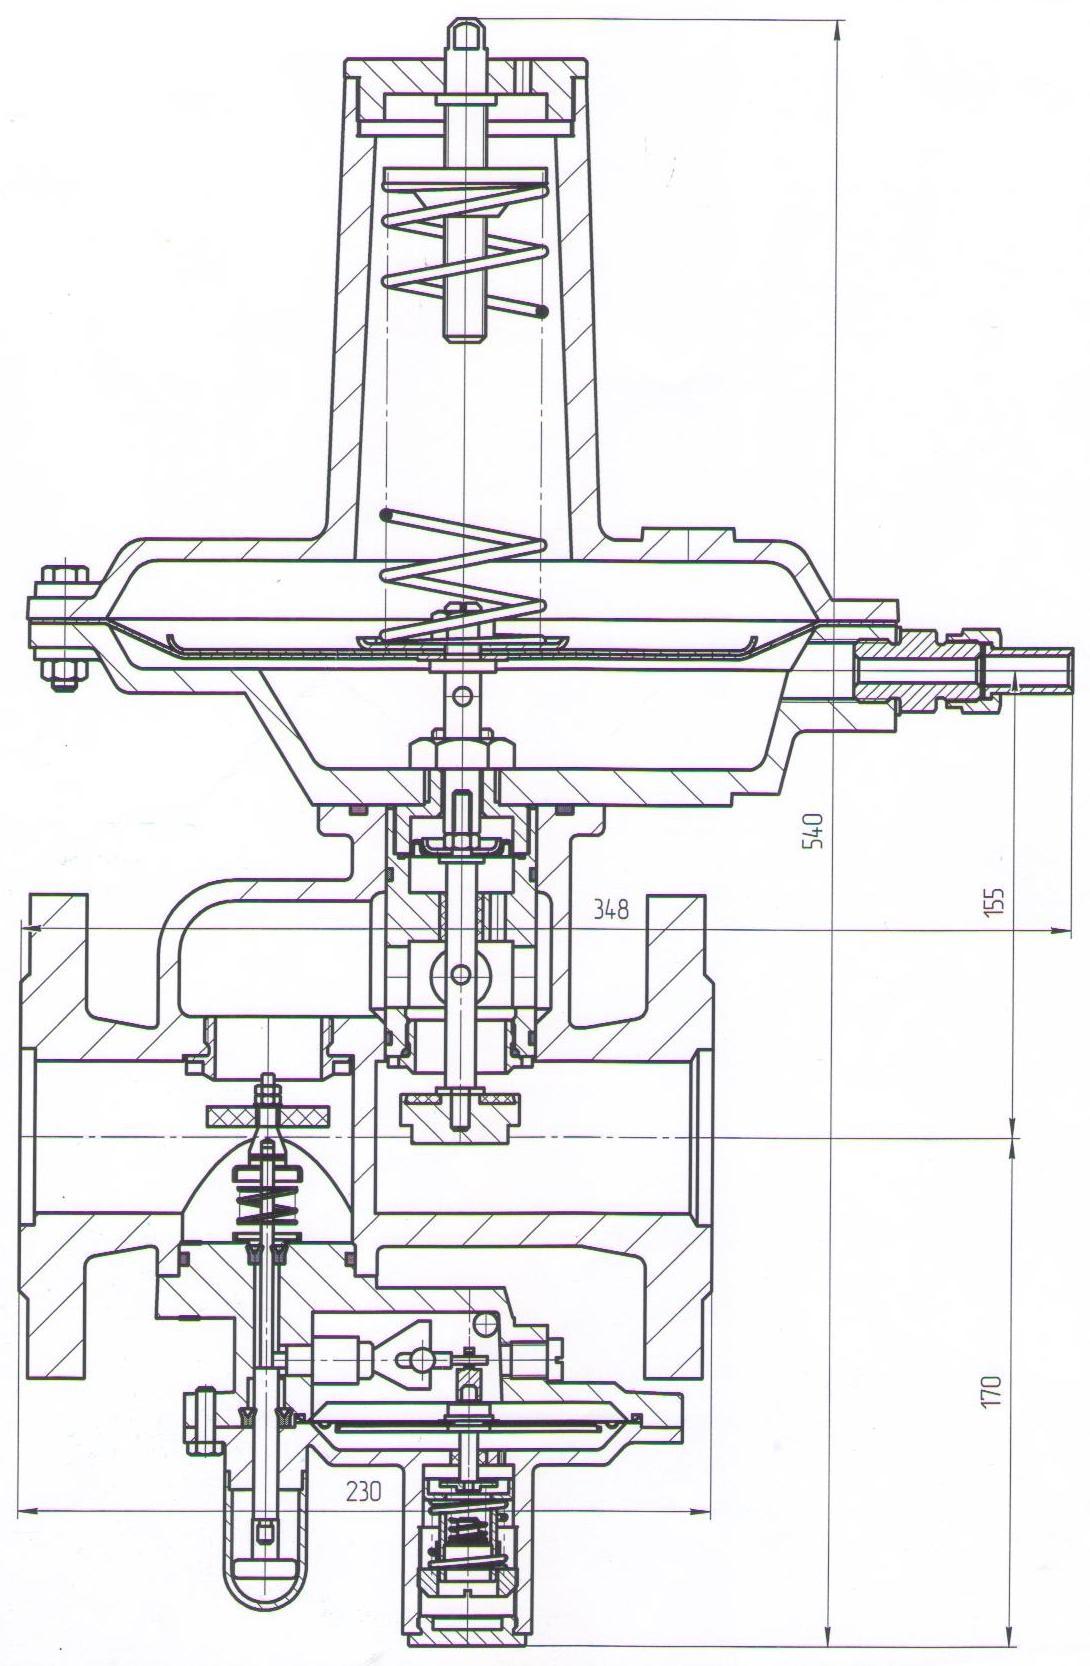 Регулятор давления РДК-50Н, РДК-50/20Н, РДК-50/30Н